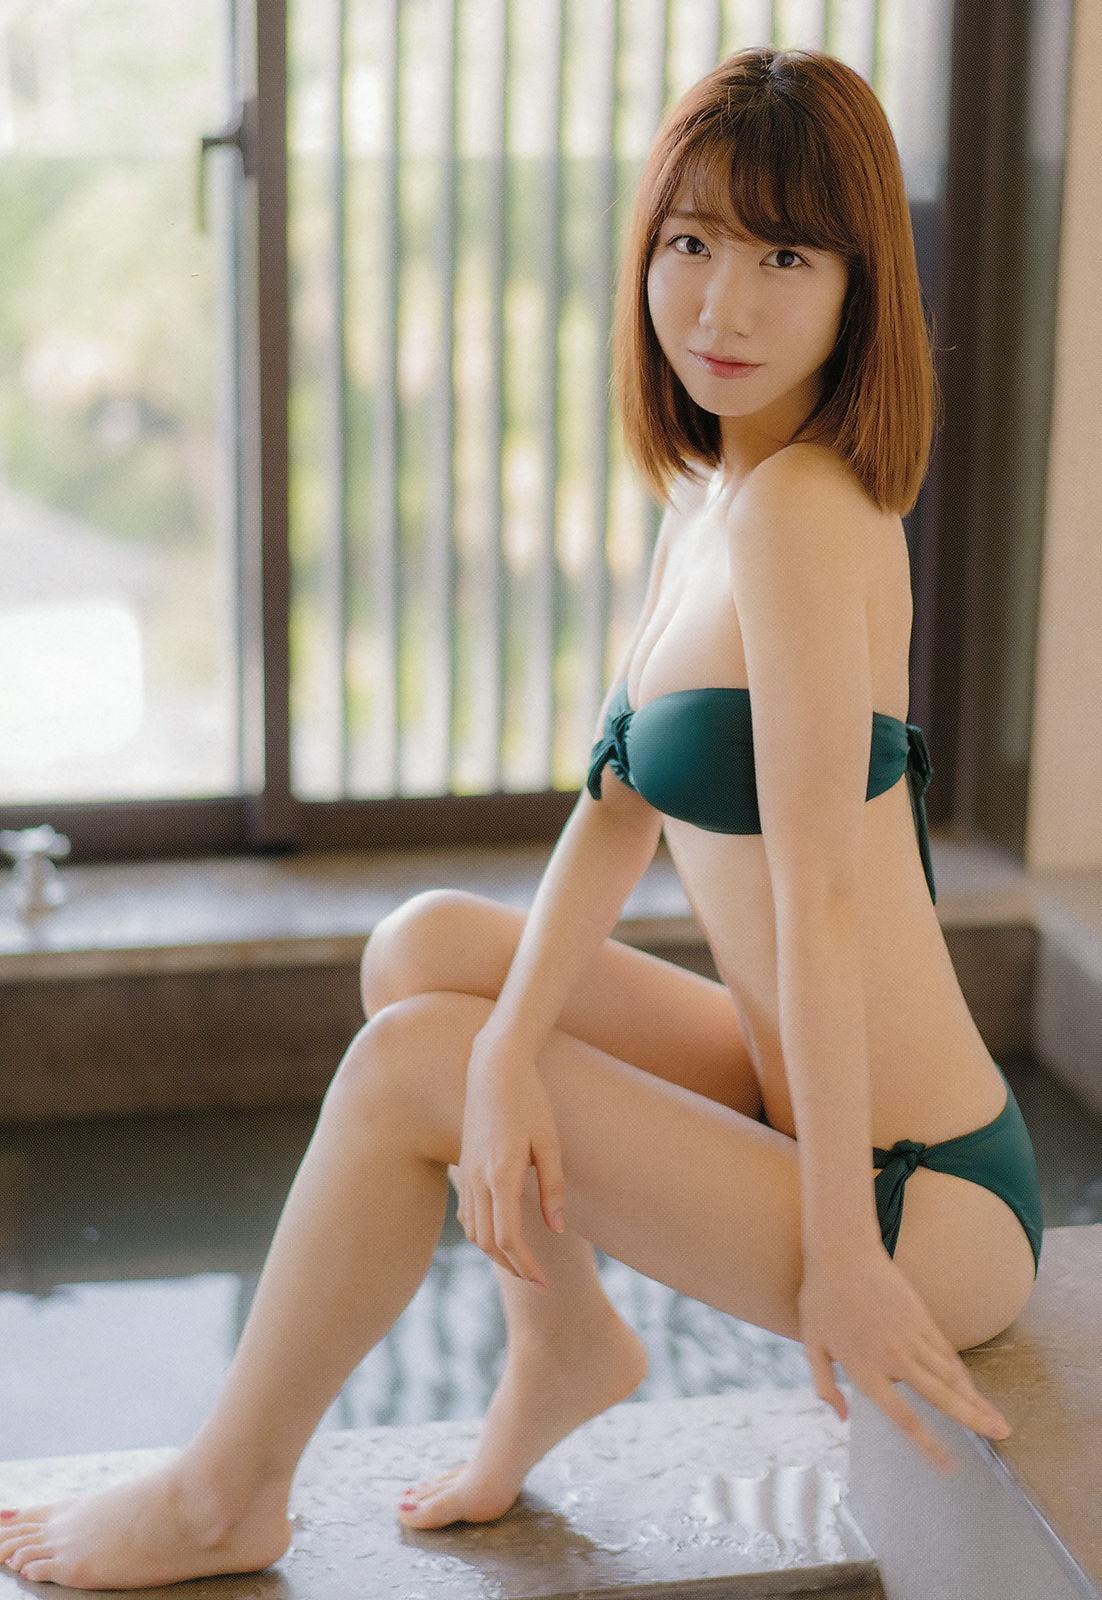 日本女歌手 柏木由纪(かしわぎ ゆき、Kashiwagi Yuki)美图图片欣赏-觅爱图